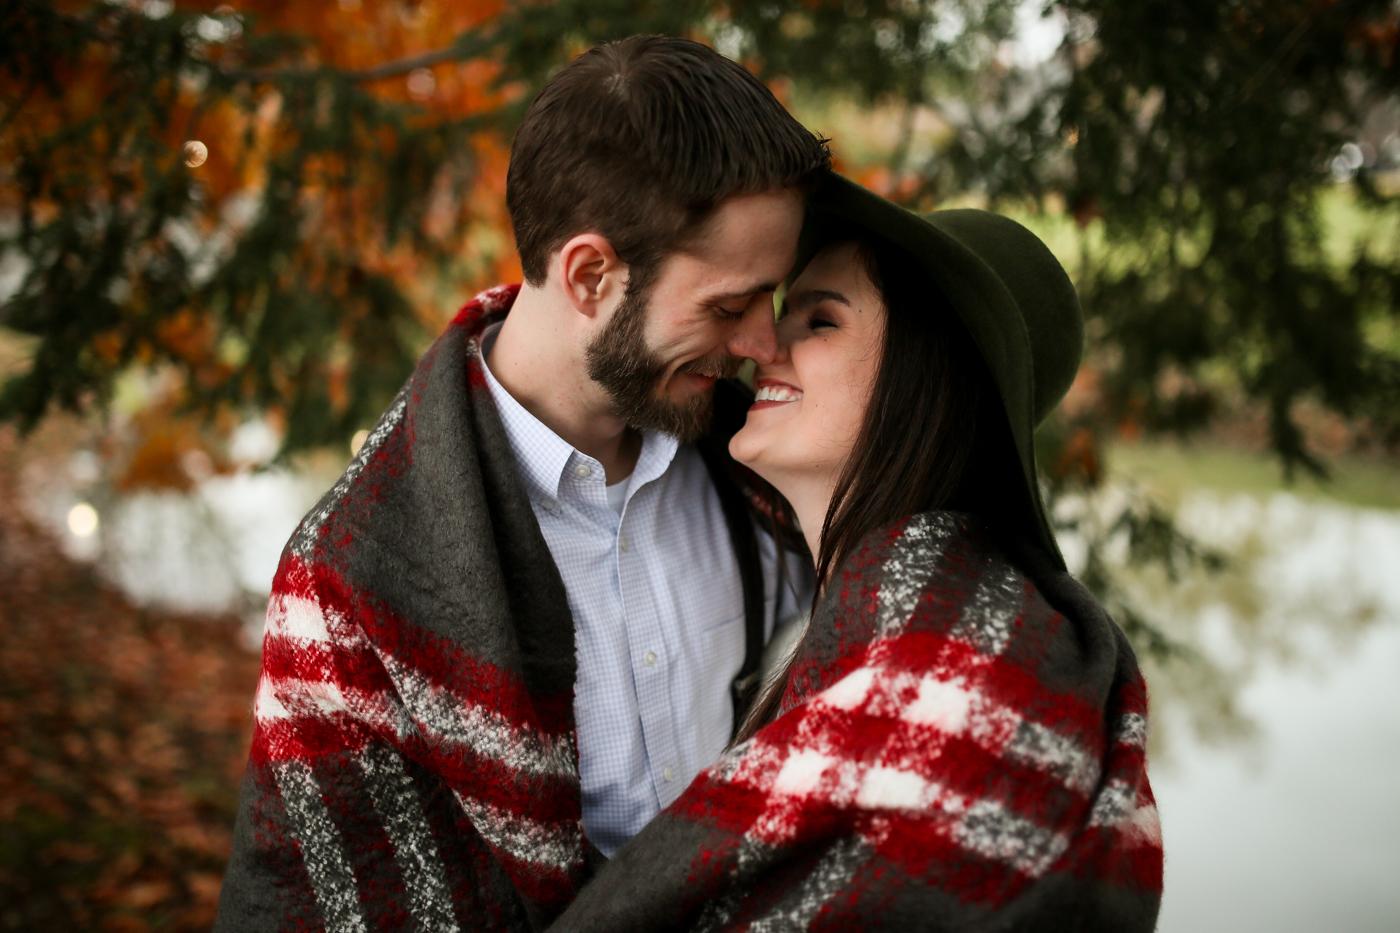 Fall-engagement-wedding-photographer-Kentucky-Bourbon-61.jpg